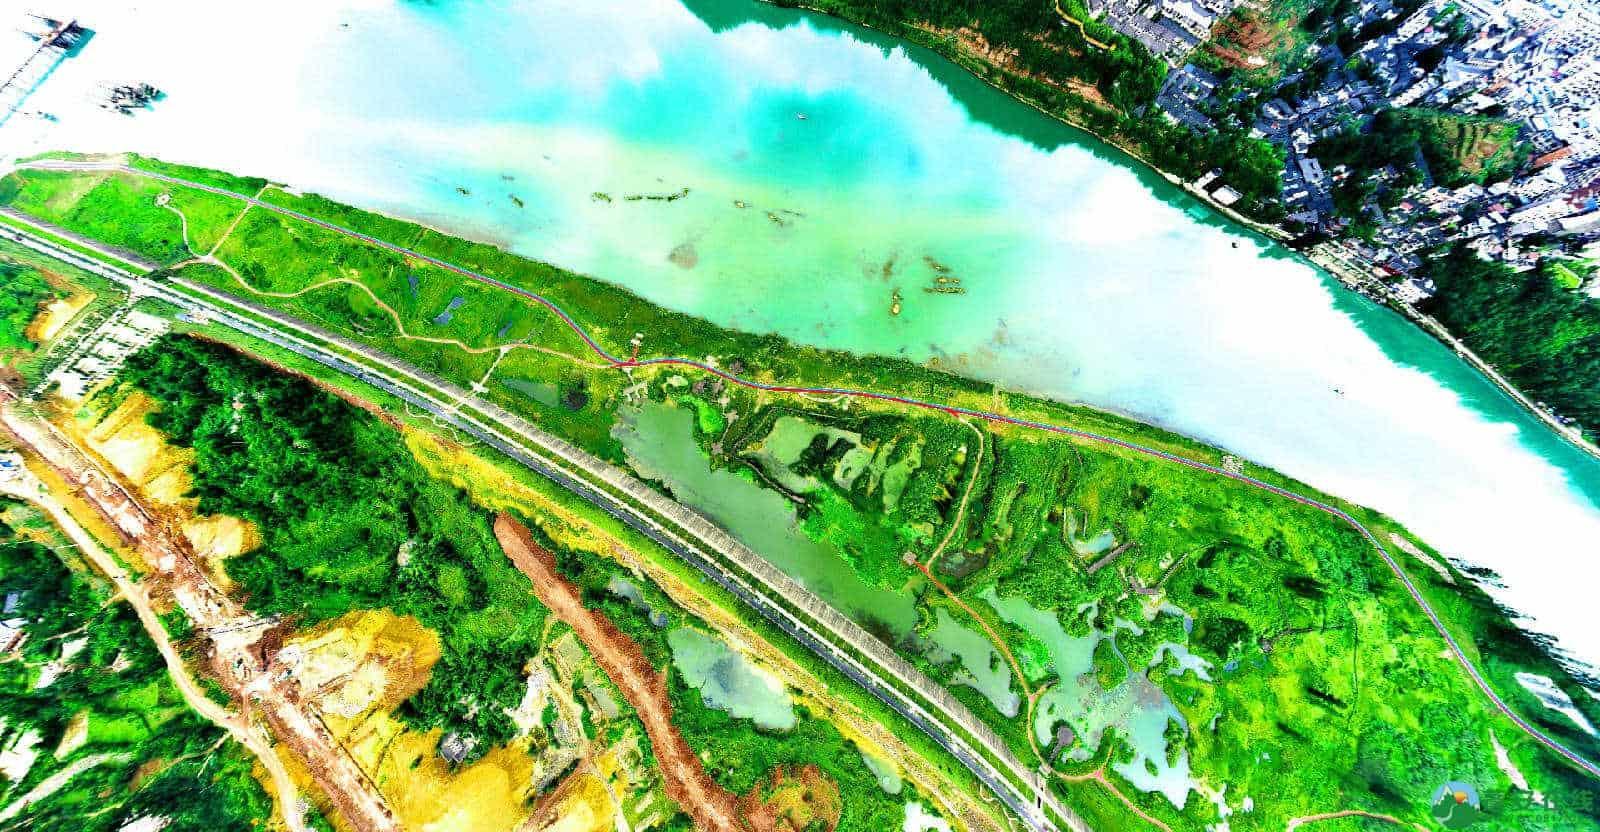 蓬安锦屏湿地公园双色跑道 - 第10张  | 蓬安在线